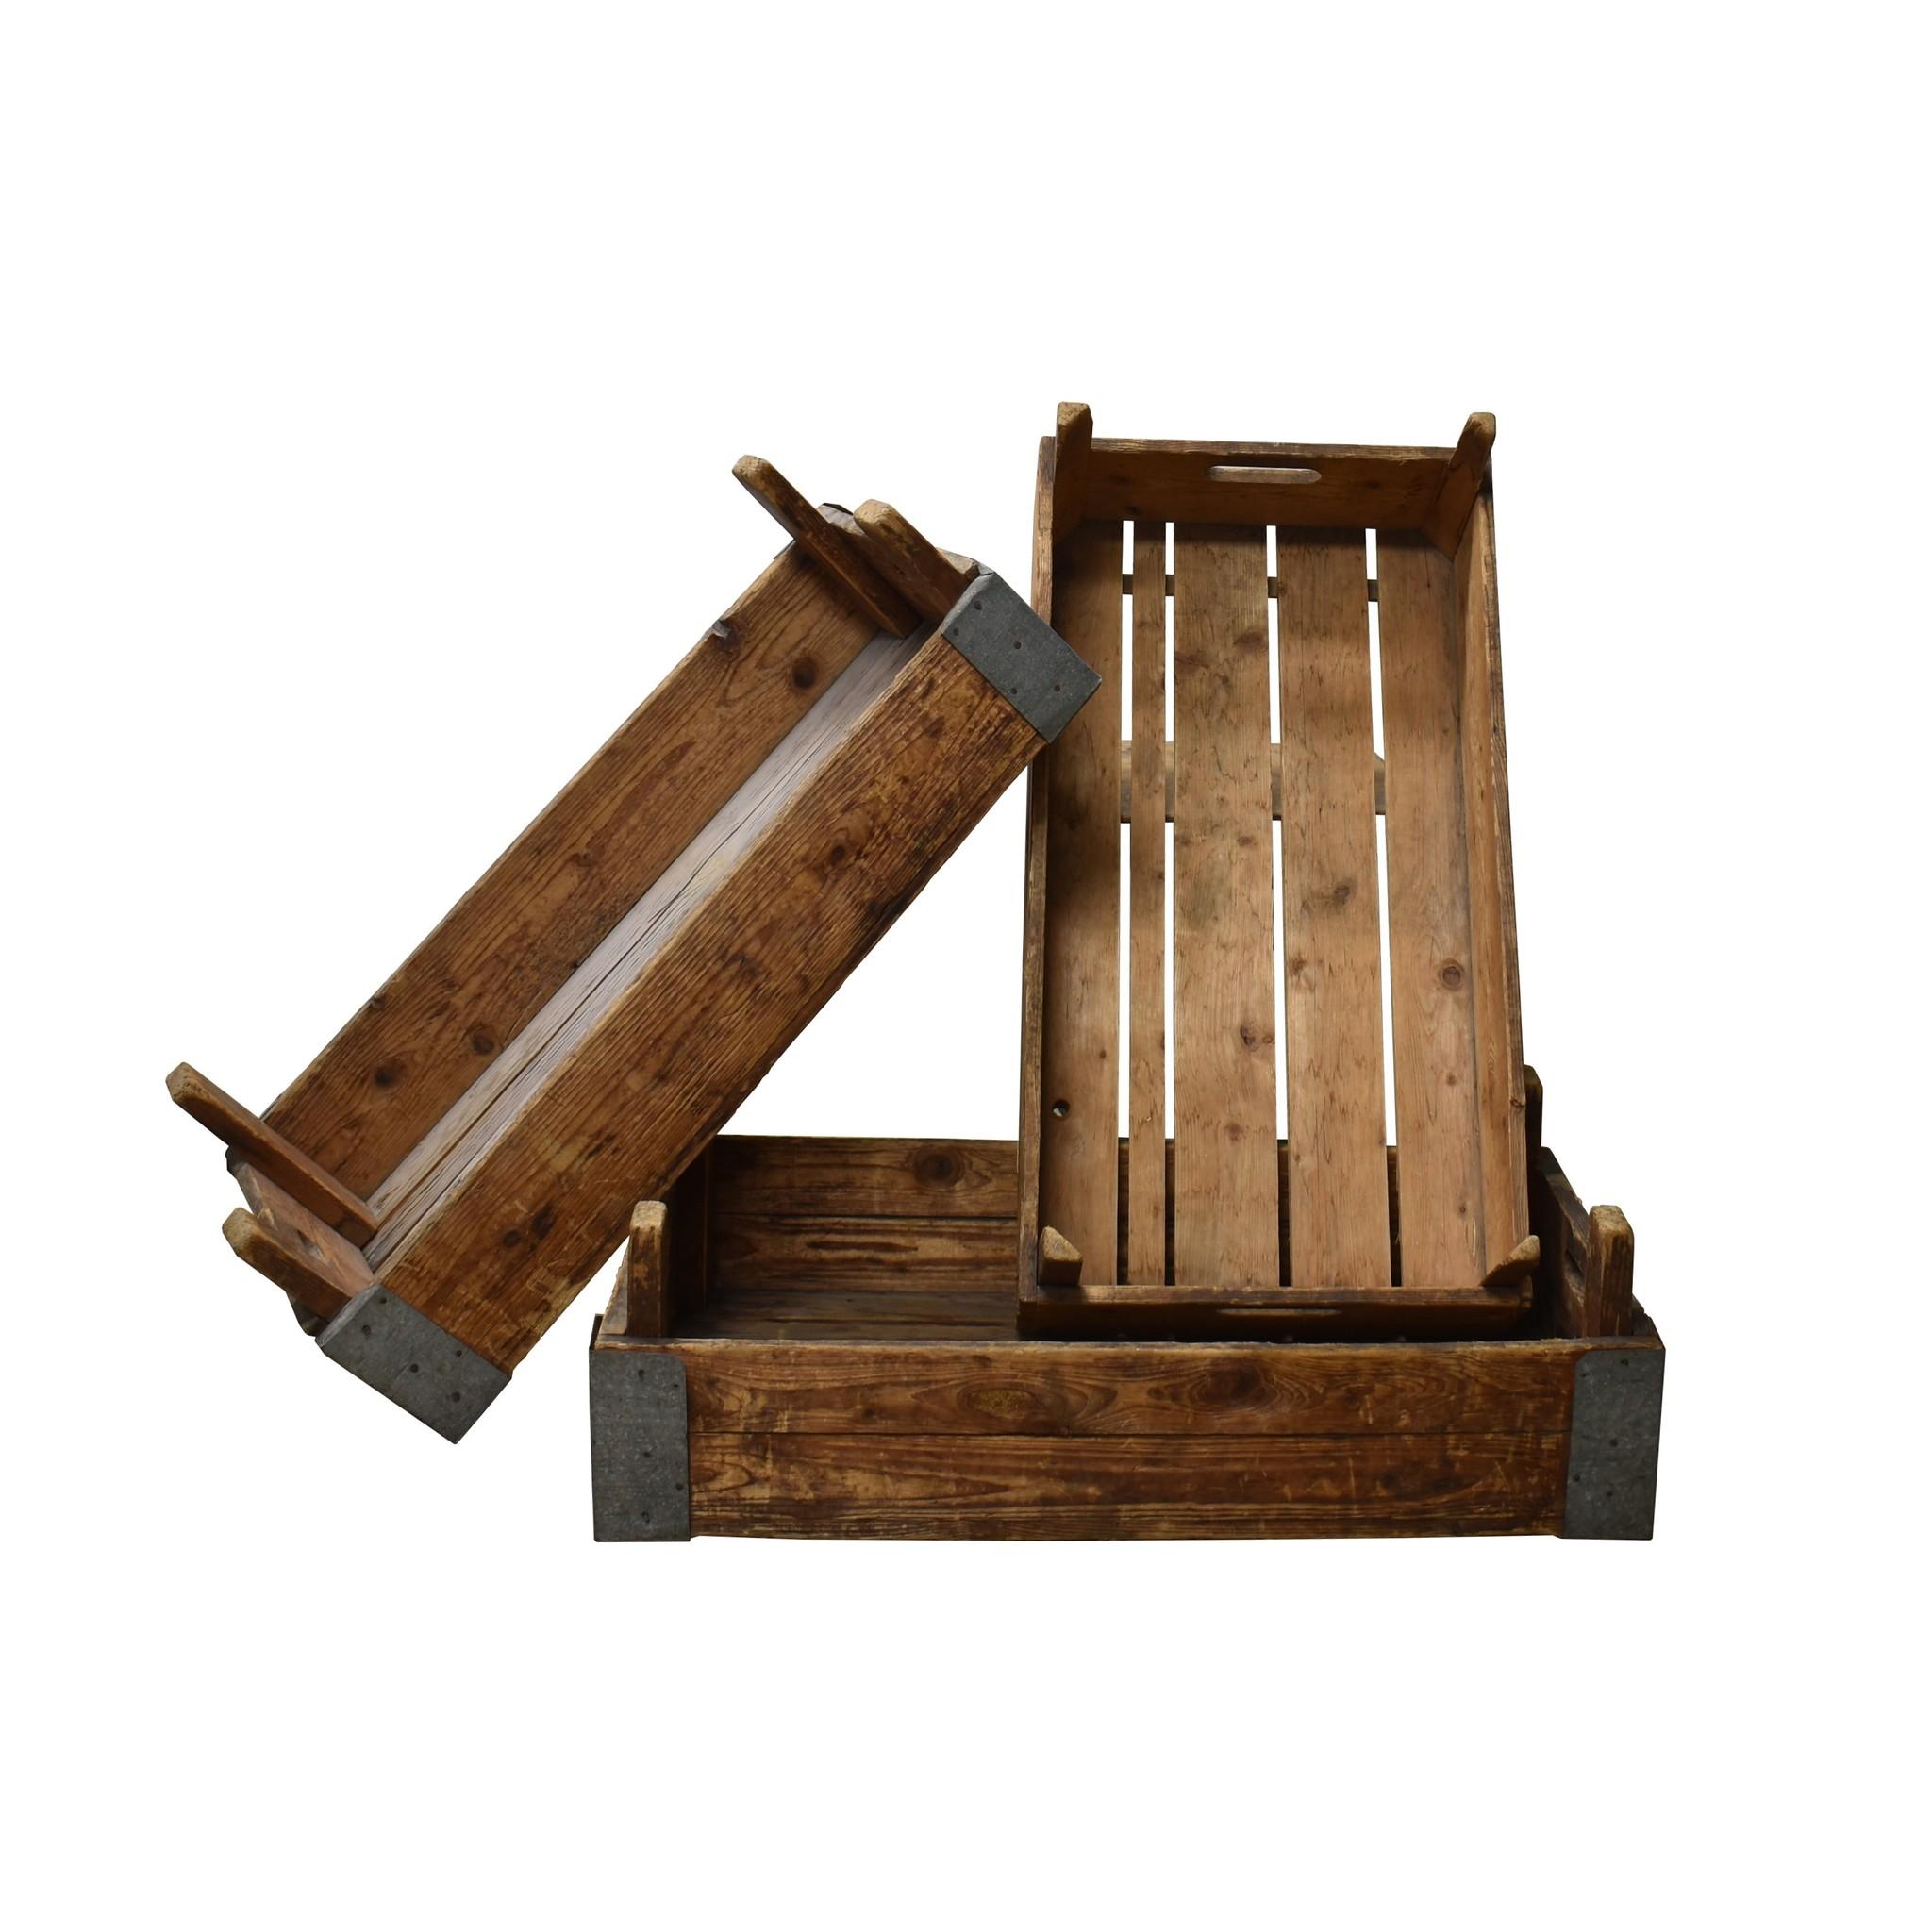 kisten oude houten kist